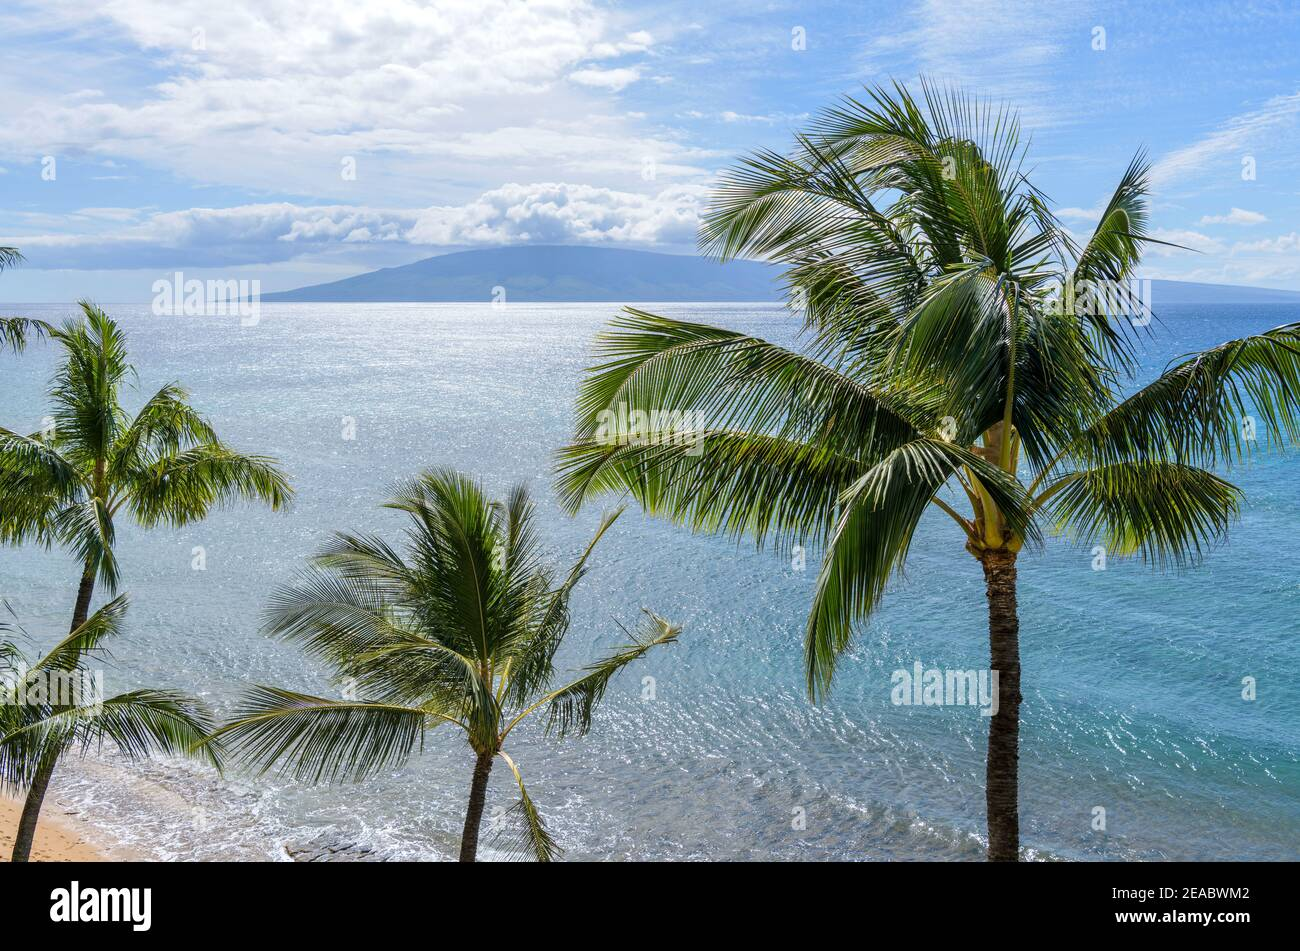 Isla Tropical - un brillante día soleado en la costa noroeste de la isla de Maui, con la isla Lanai en el horizonte. Maui, Hawai, Estados Unidos. Foto de stock